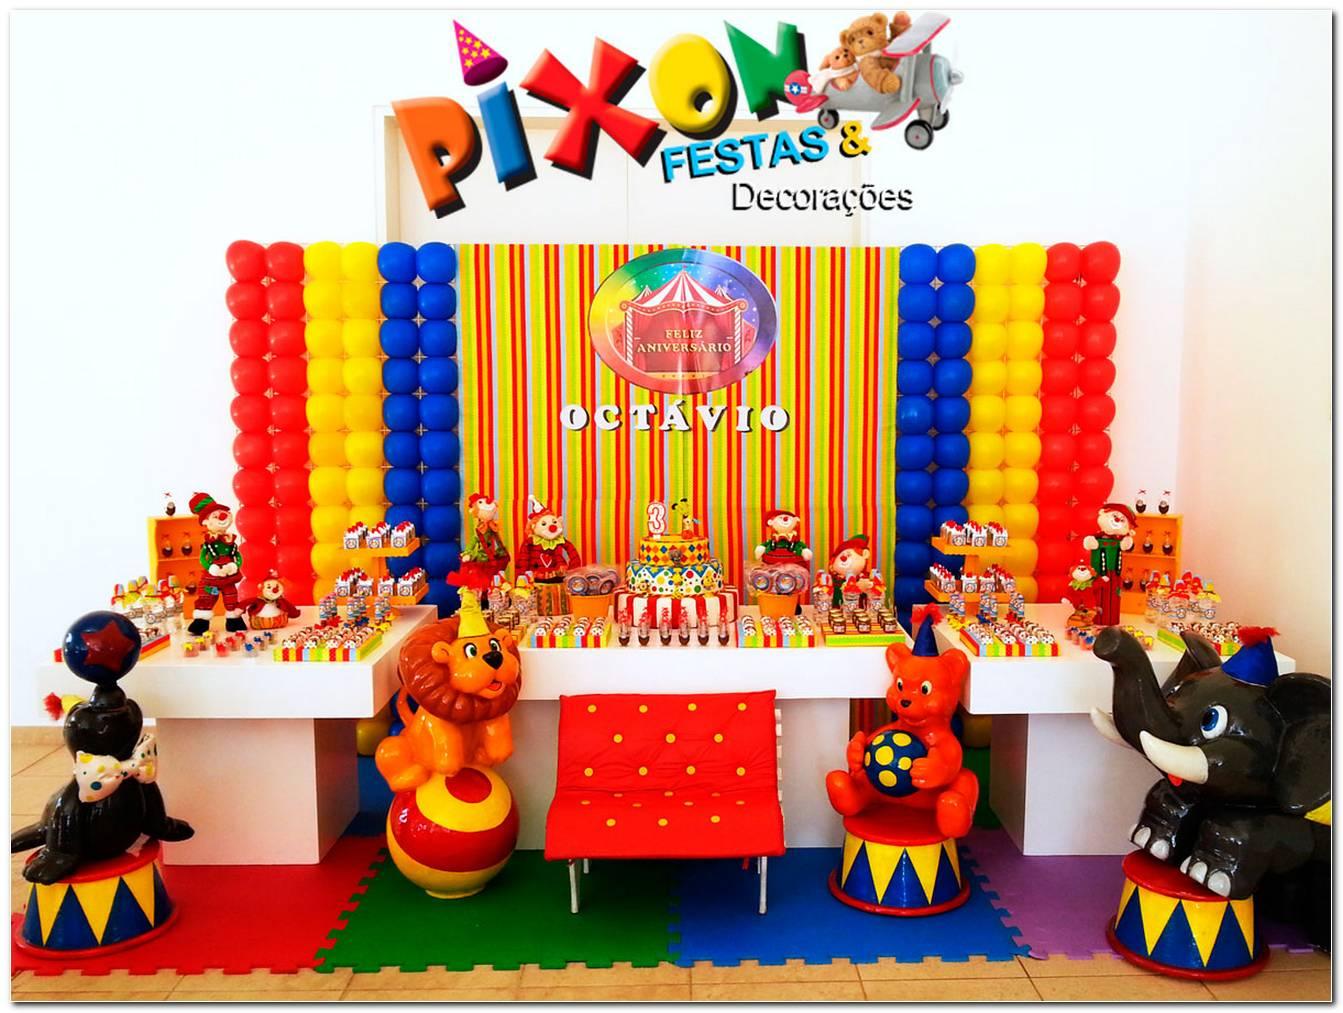 Festa Infantil Fotos